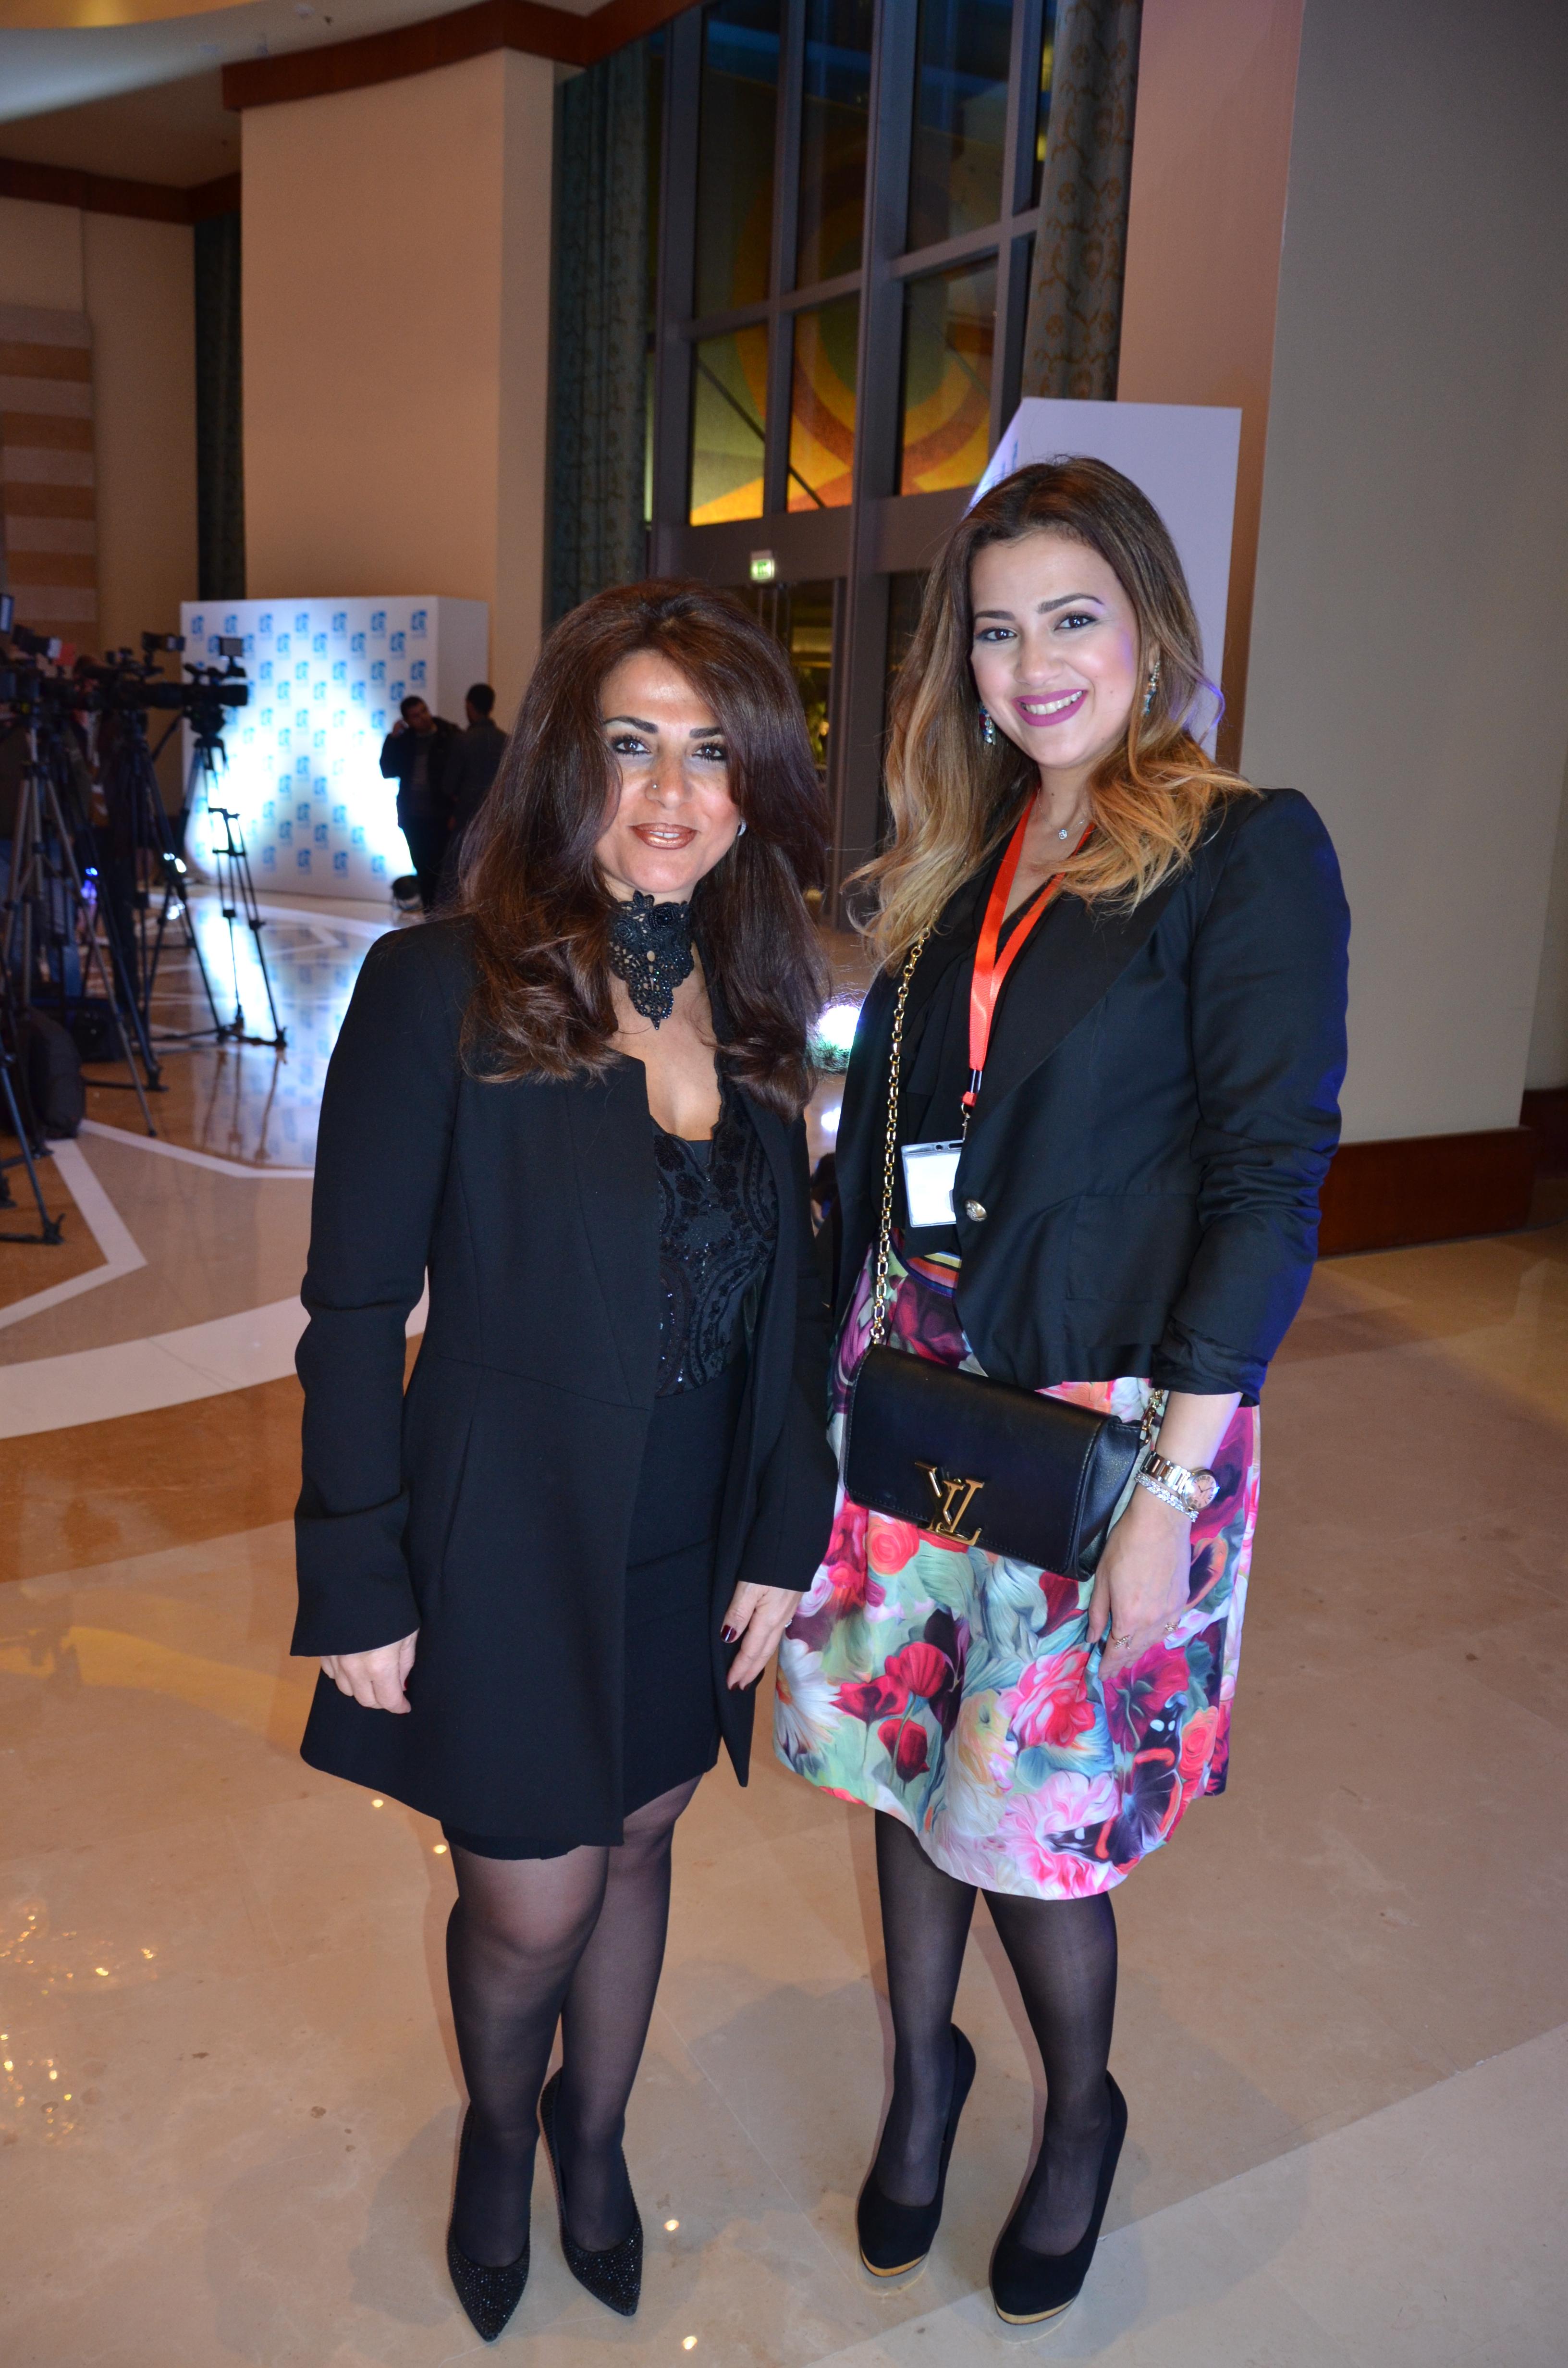 Ms. Nermine Ehsan & Ms. Amira El Zoheiry